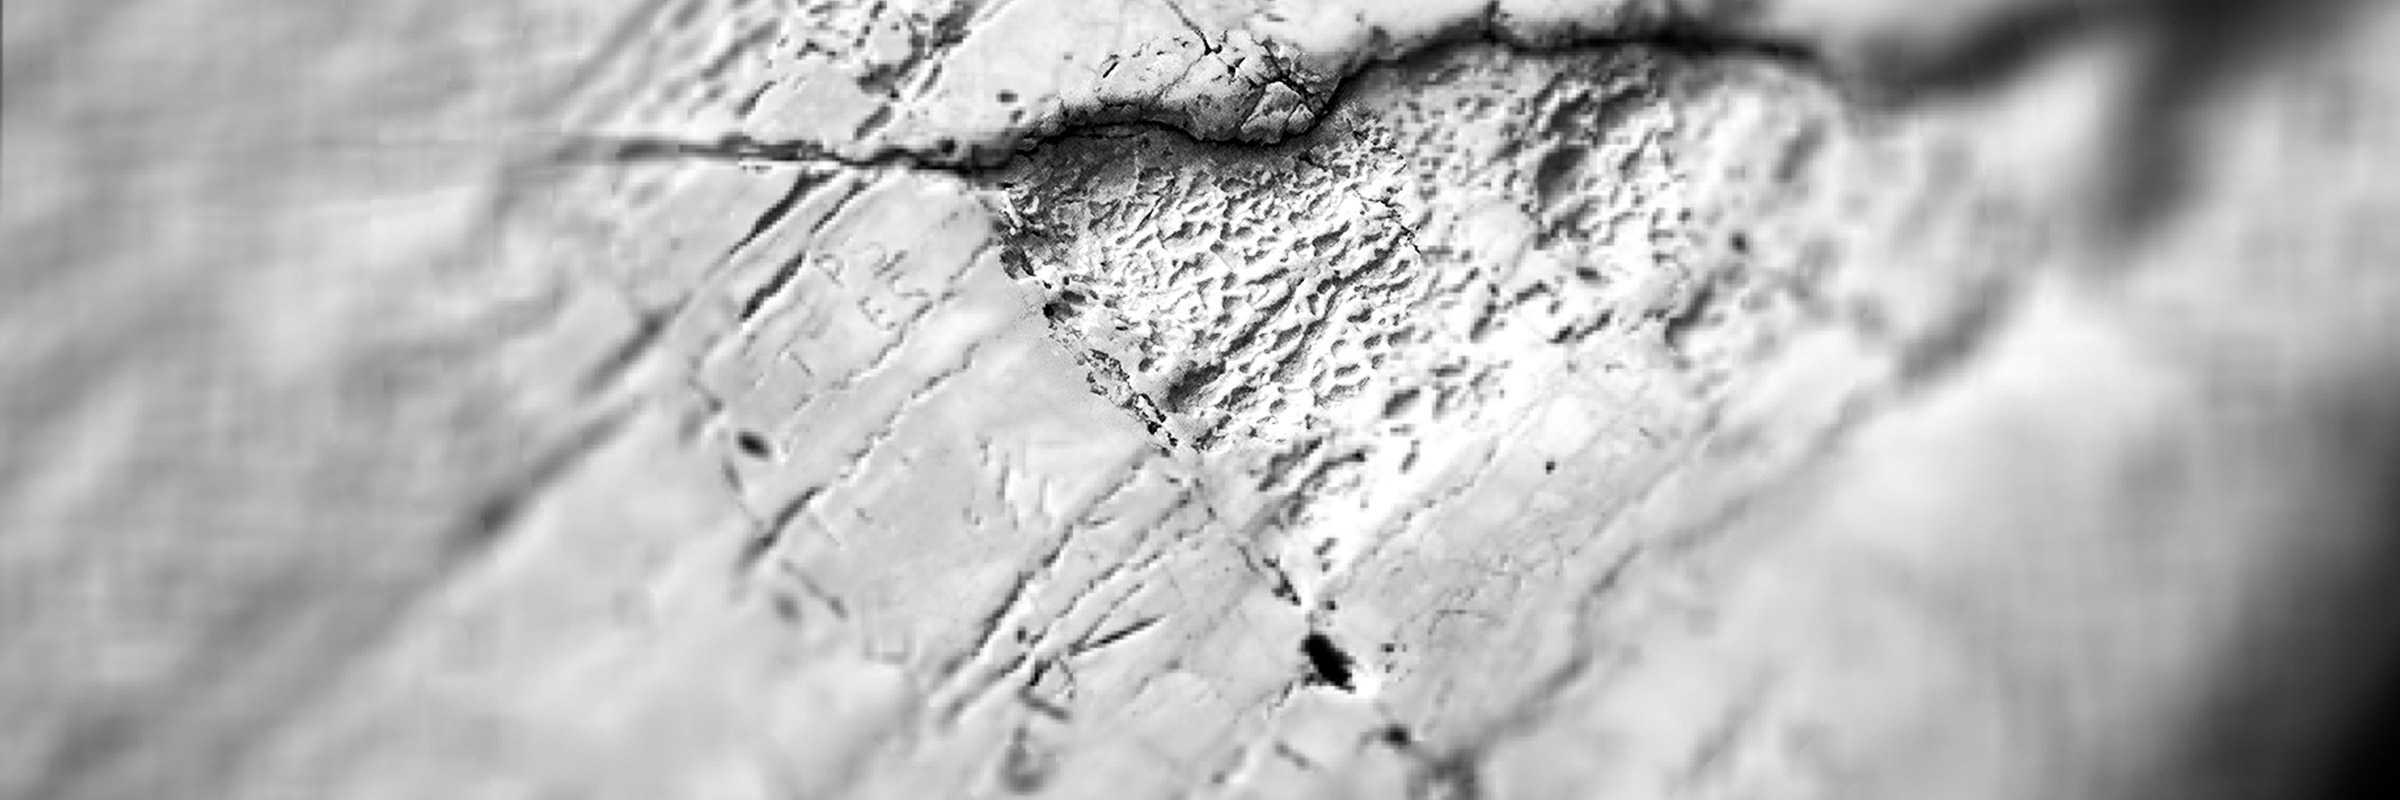 Particolare su marmo, Ponte di Rialto. (Archivio Venipedia/Bazzmann)